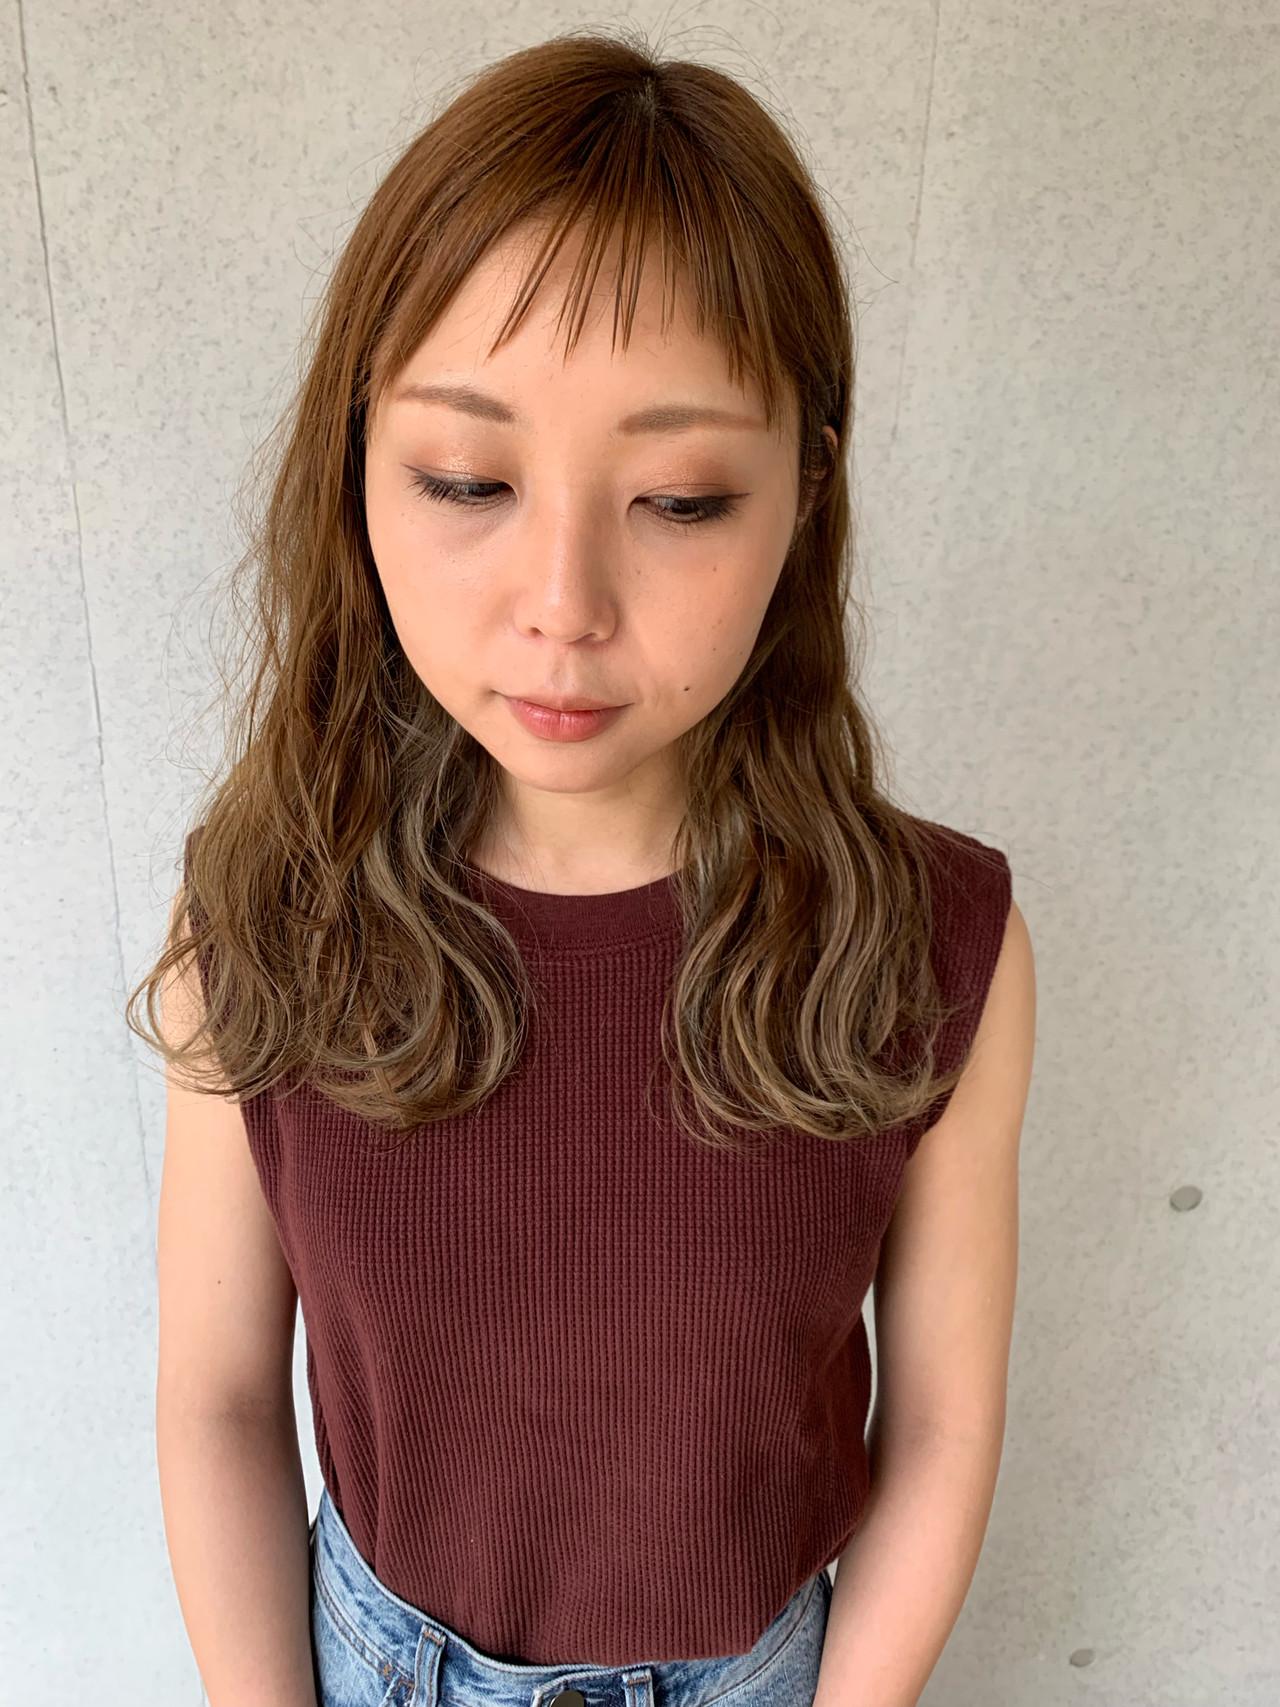 ハイライト ガーリー うぶ毛ハイライト セミロング ヘアスタイルや髪型の写真・画像